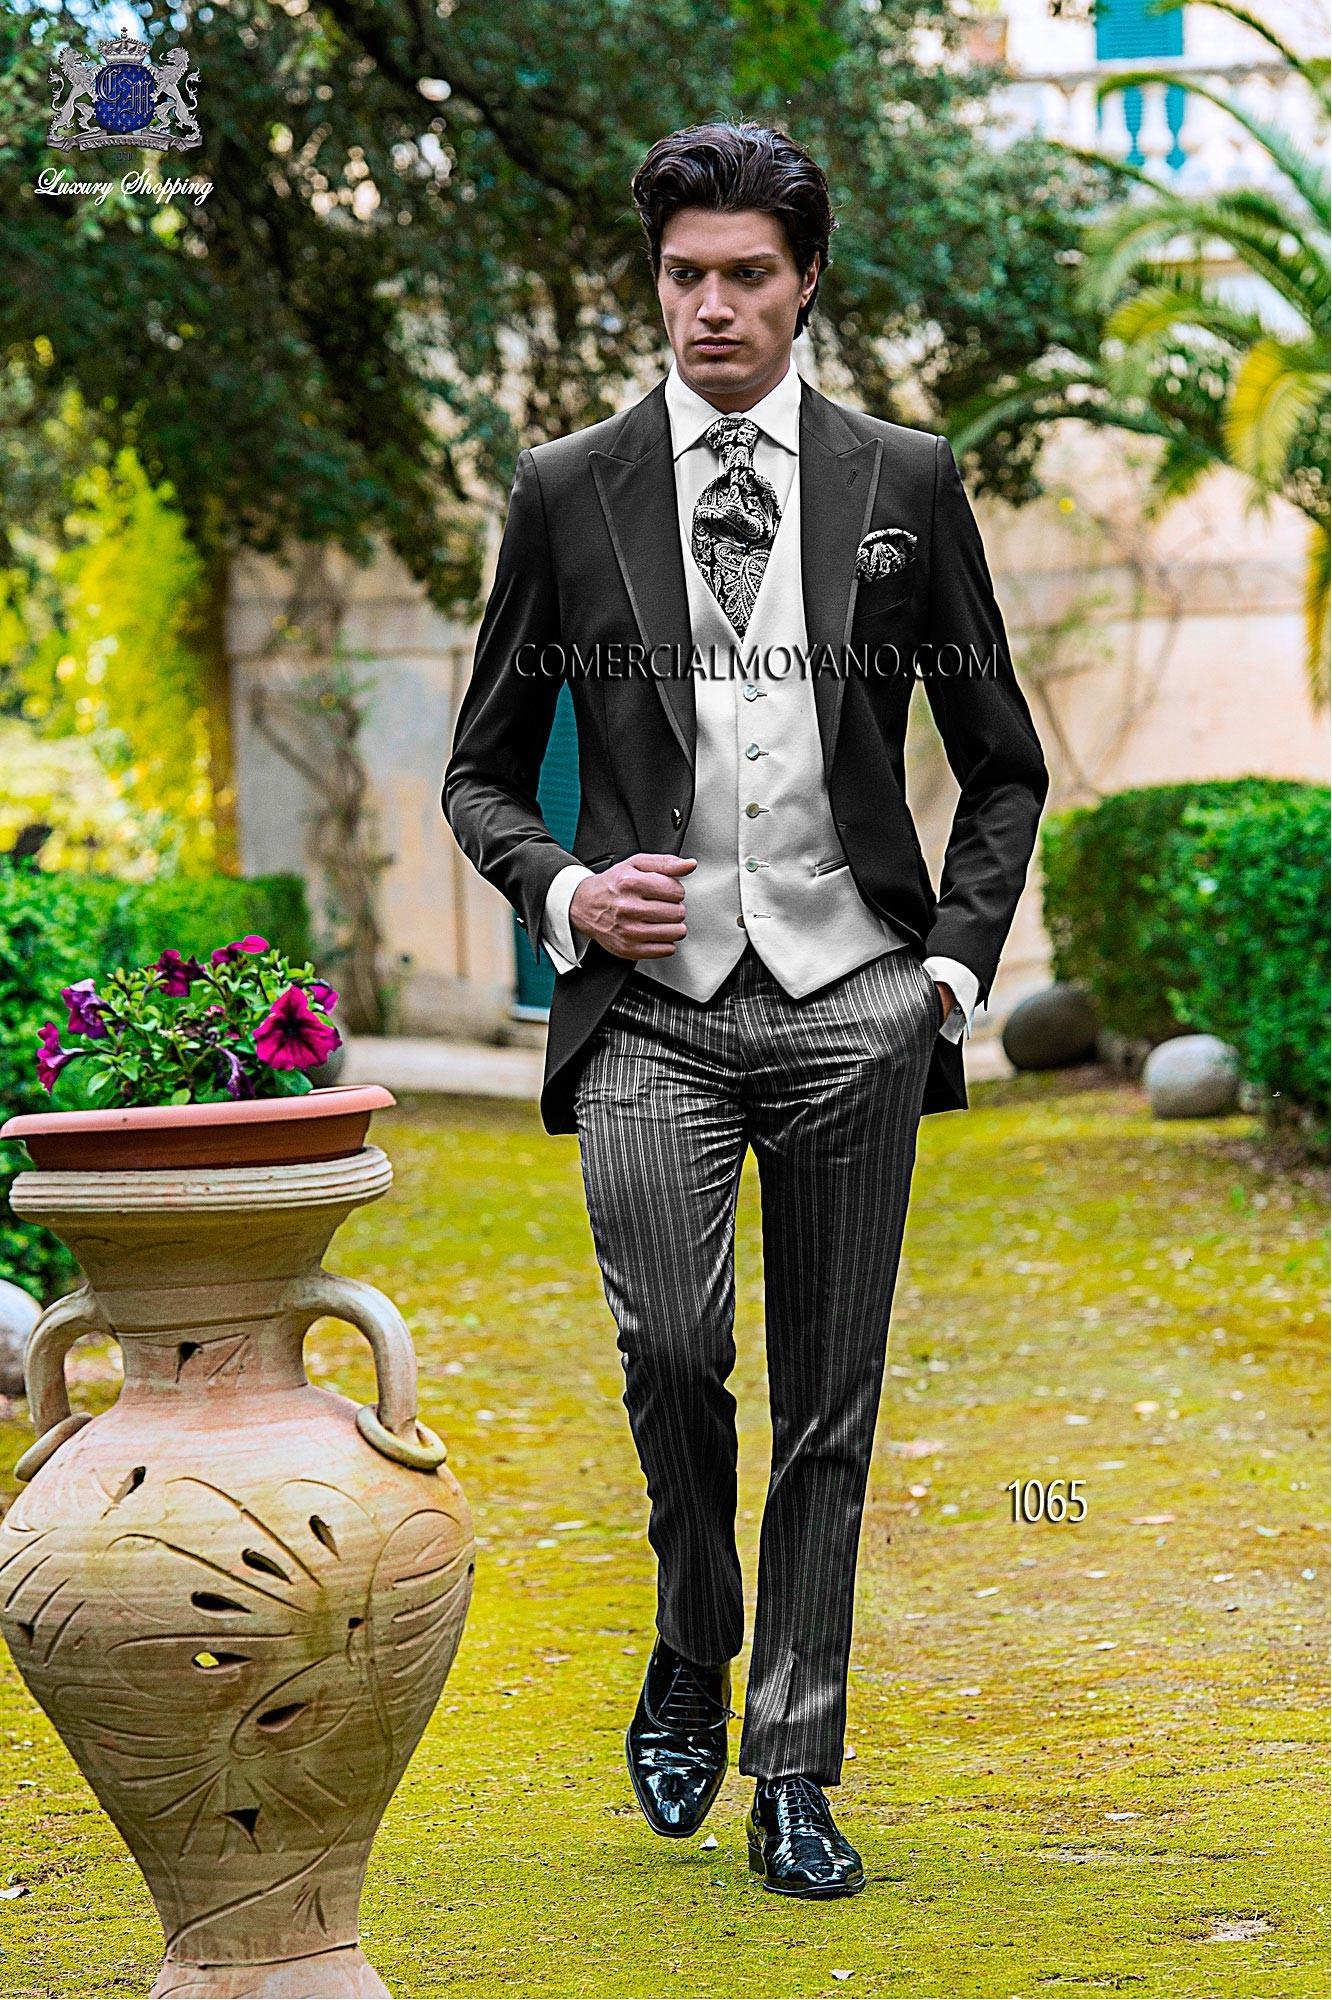 Fashion black men wedding suit model 1065 Ottavio Nuccio Gala